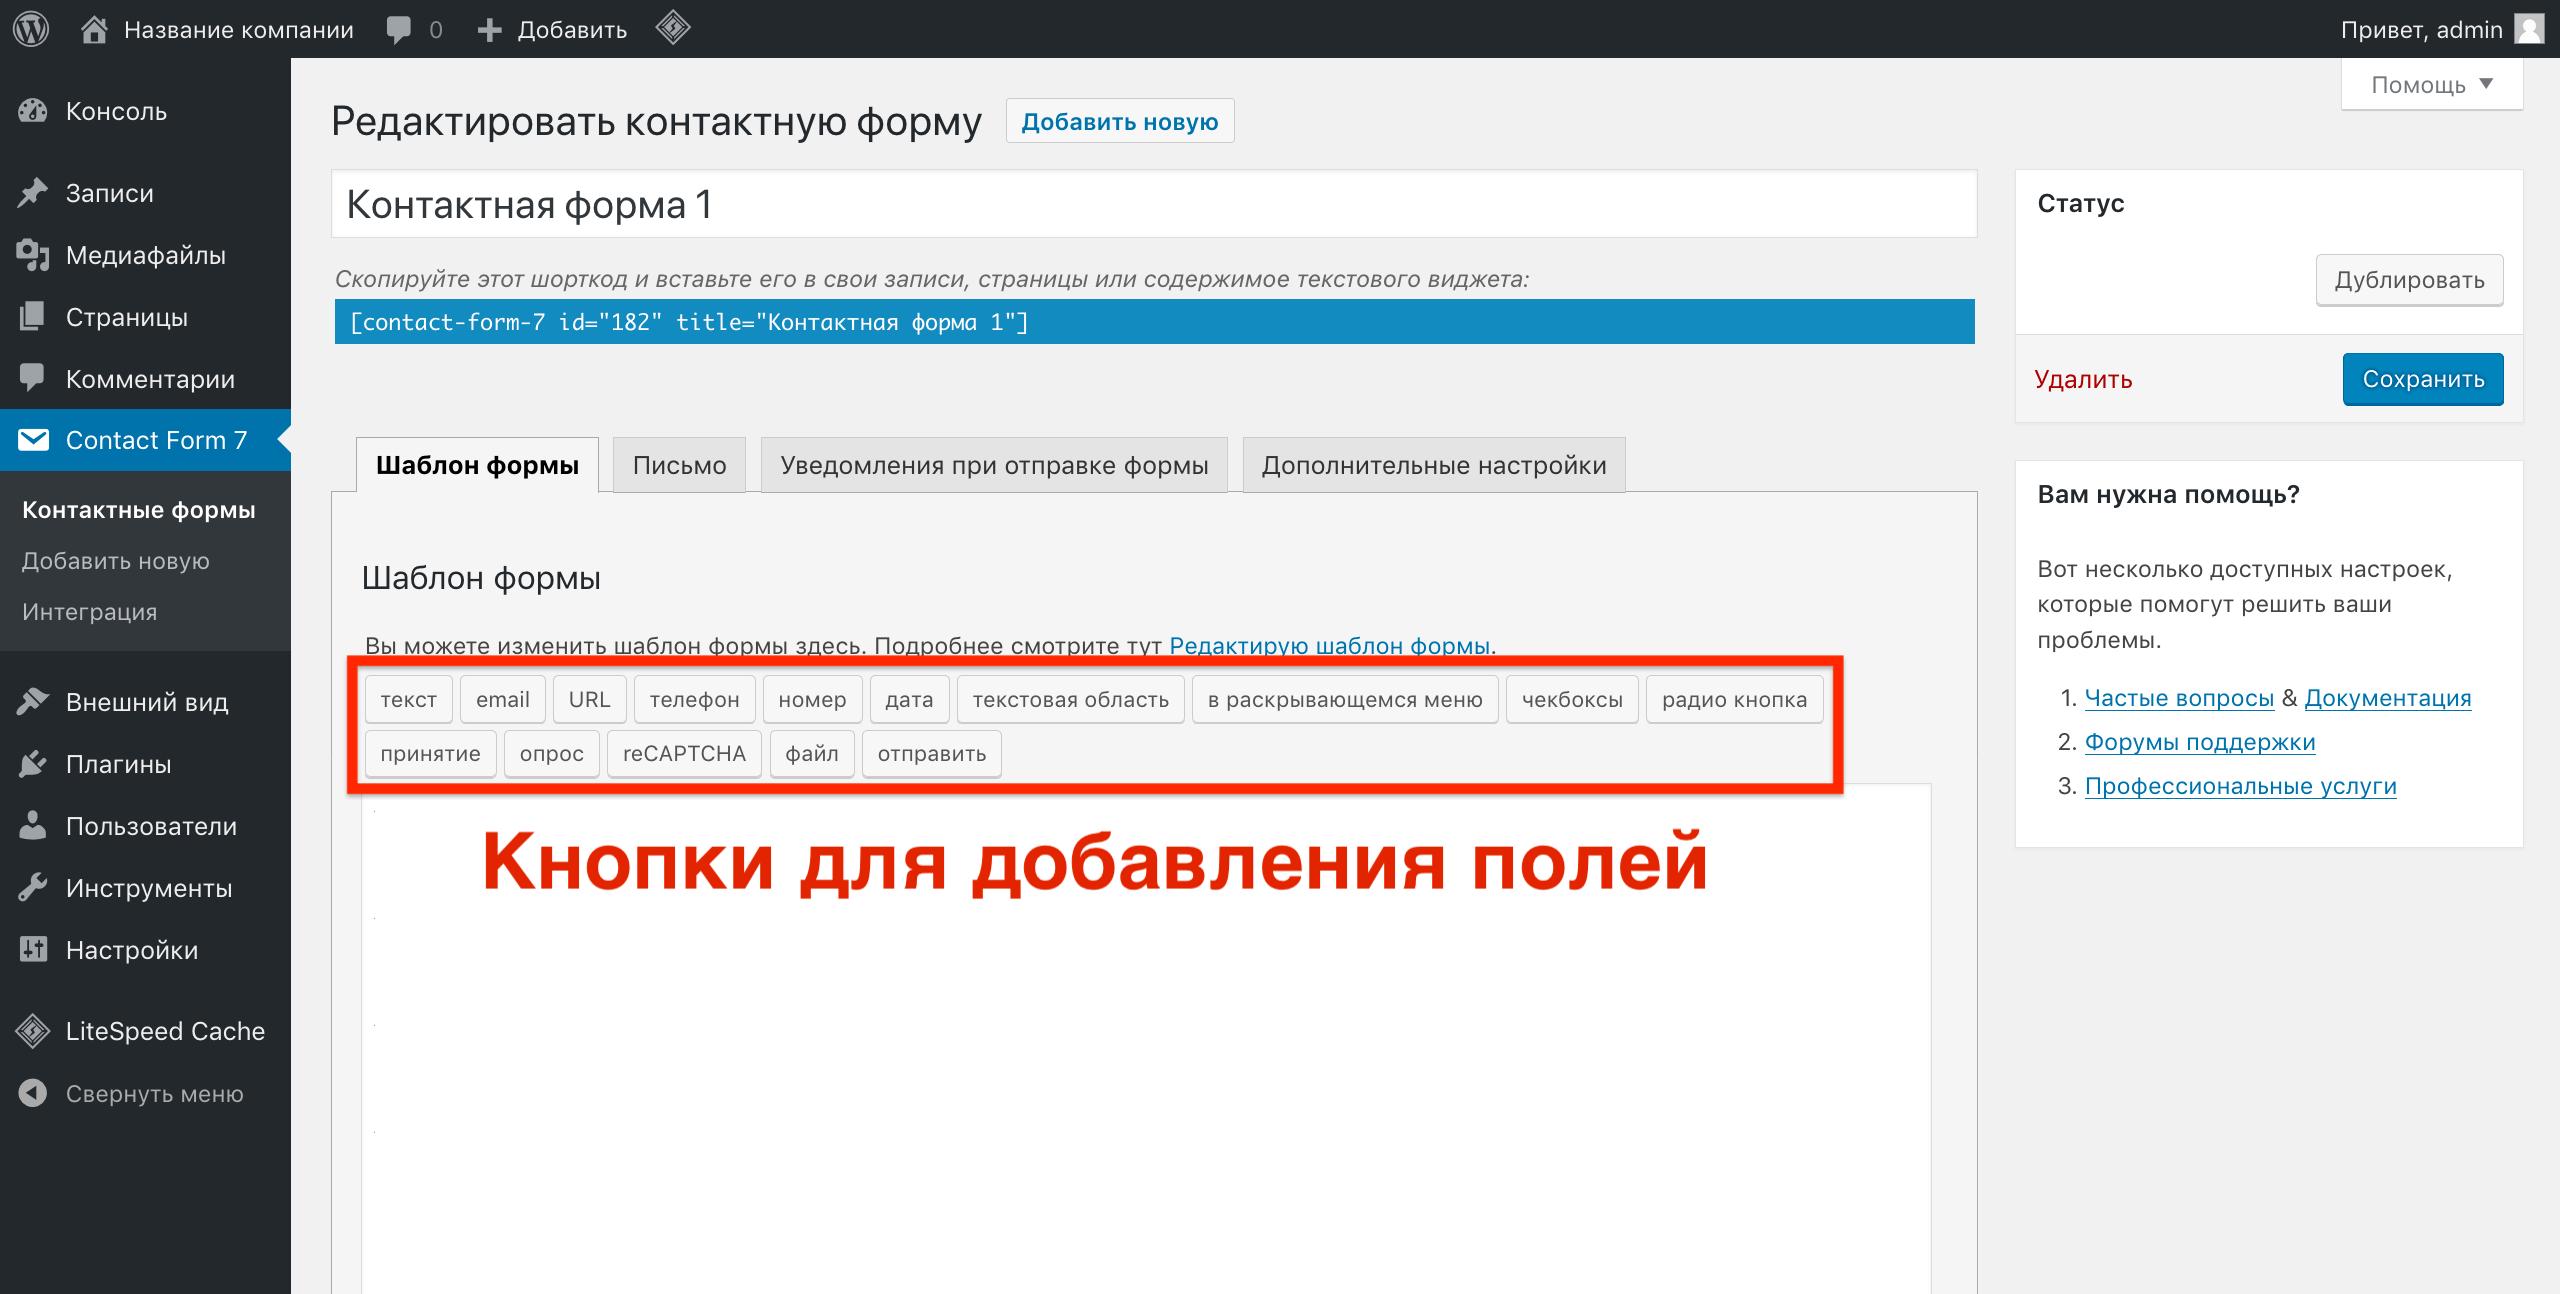 Работа с плагином Contact Form 7 в административной странице WordPress